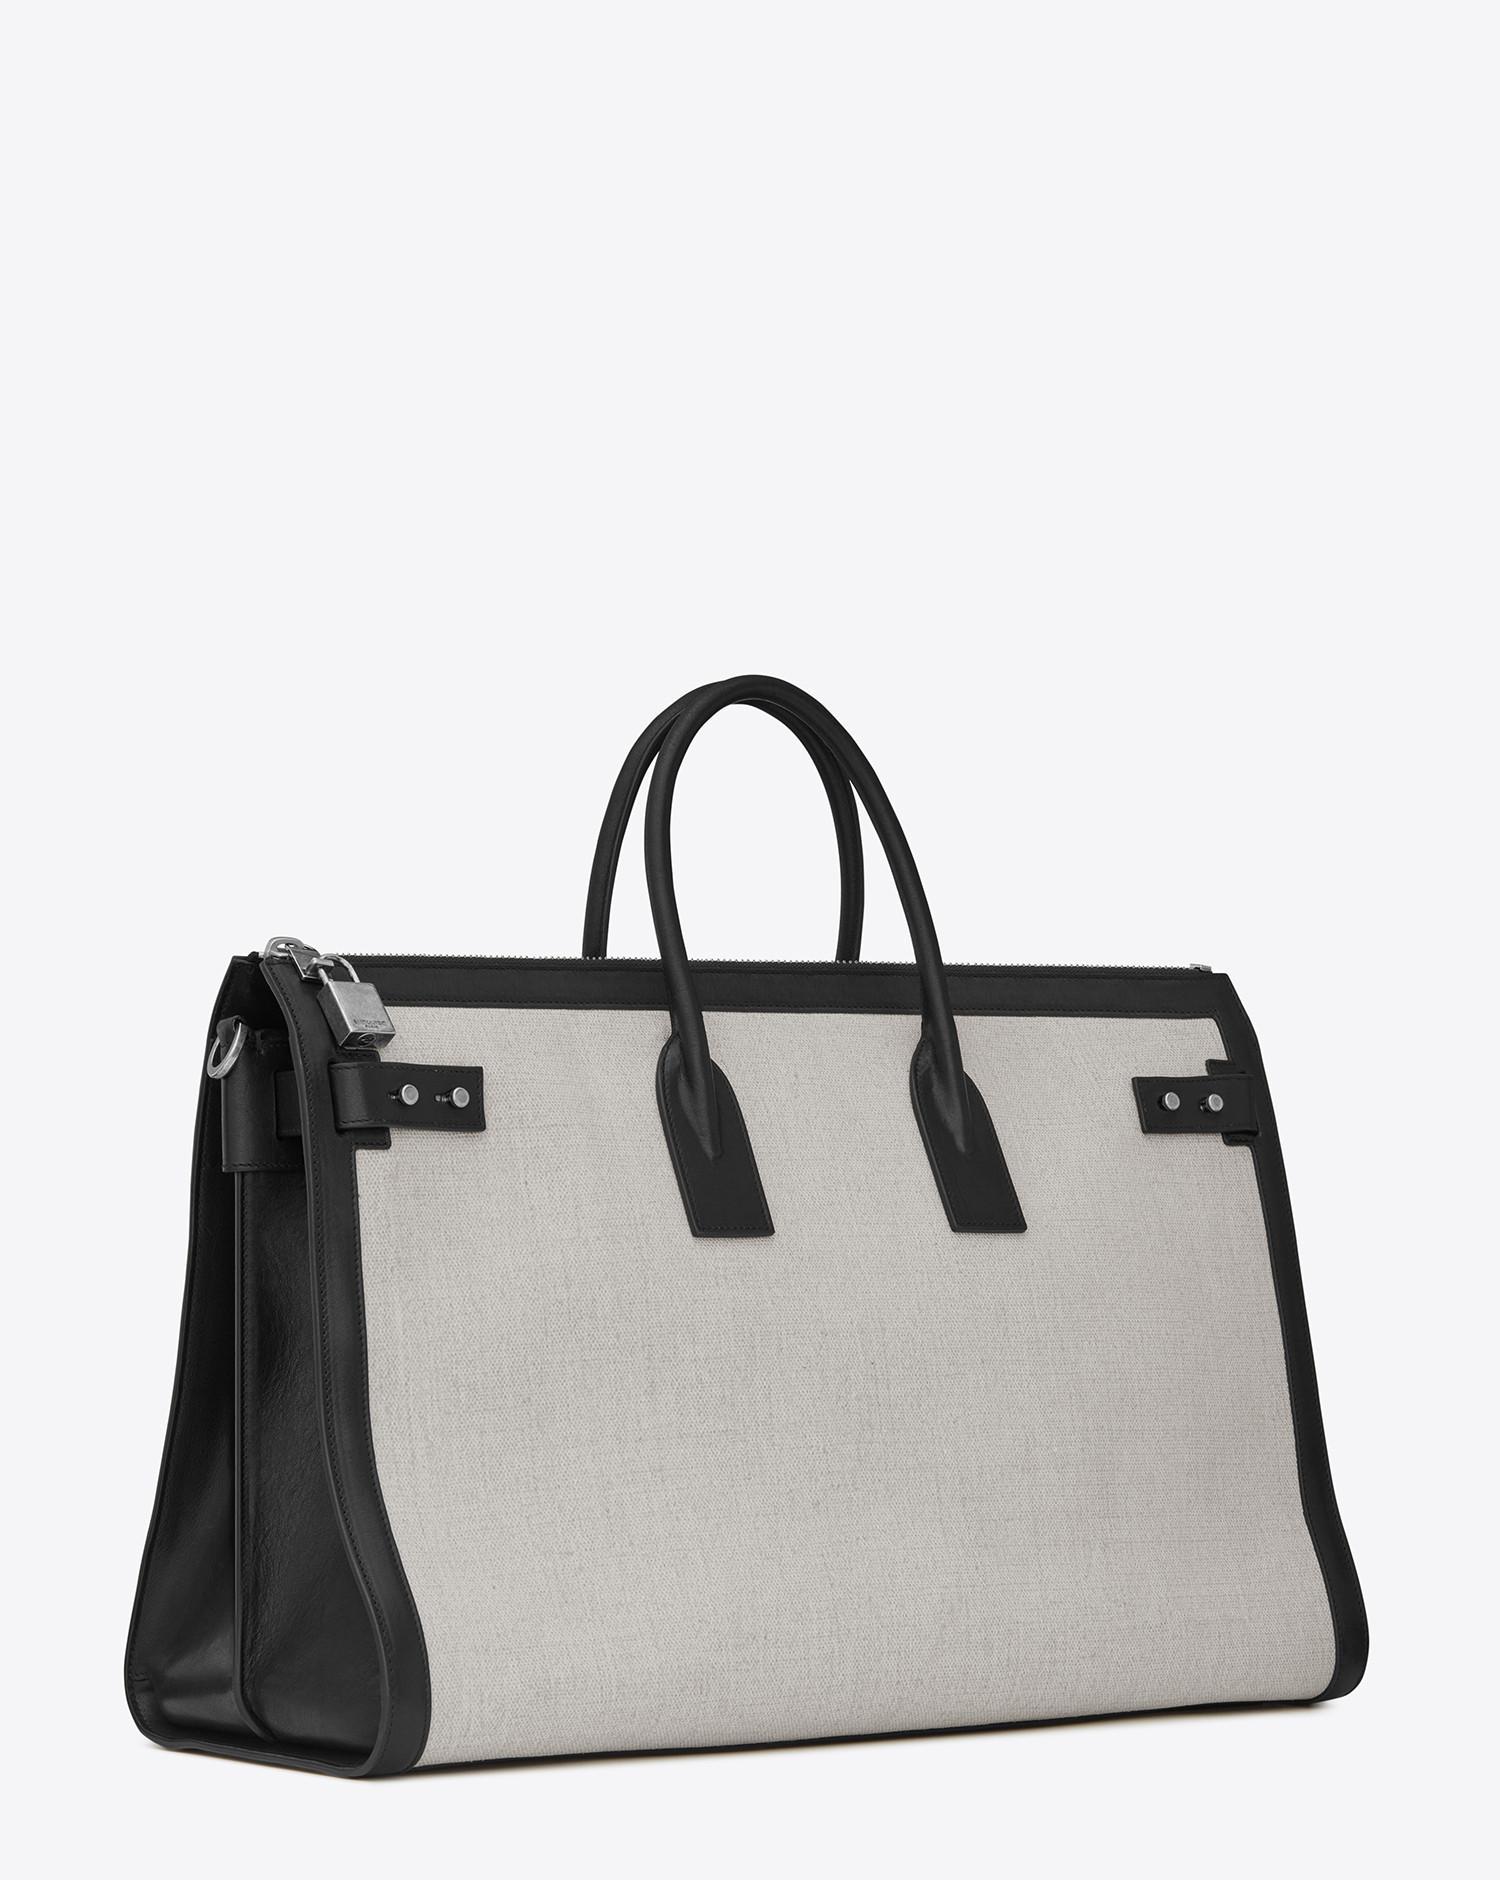 Lyst - Saint Laurent Sac De Jour 48h Duffle Bag In Linen Canvas in ... cd49b5088a62f